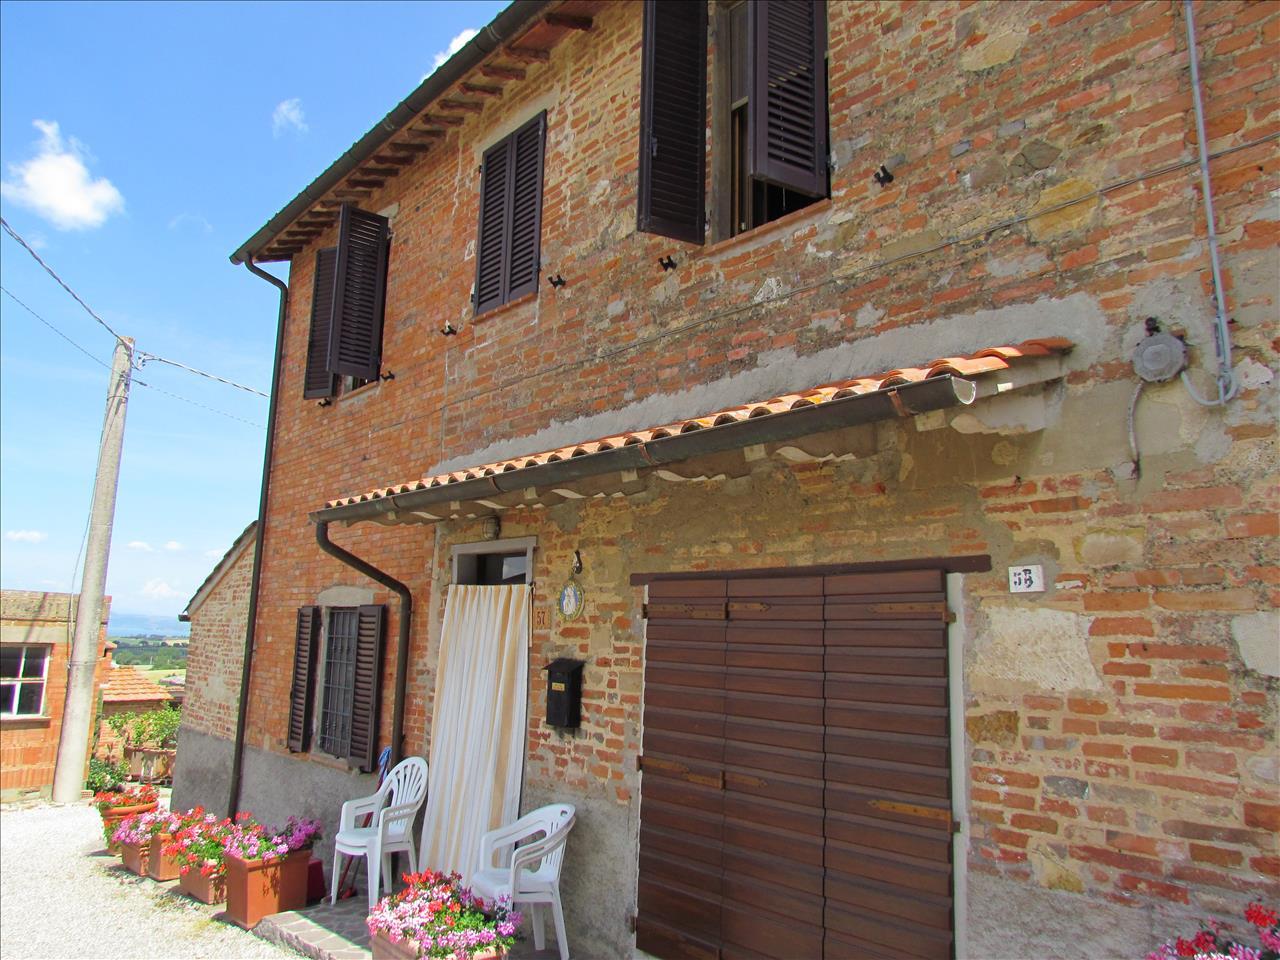 Rustico / Casale in vendita a Castiglione del Lago, 4 locali, prezzo € 150.000 | Cambio Casa.it